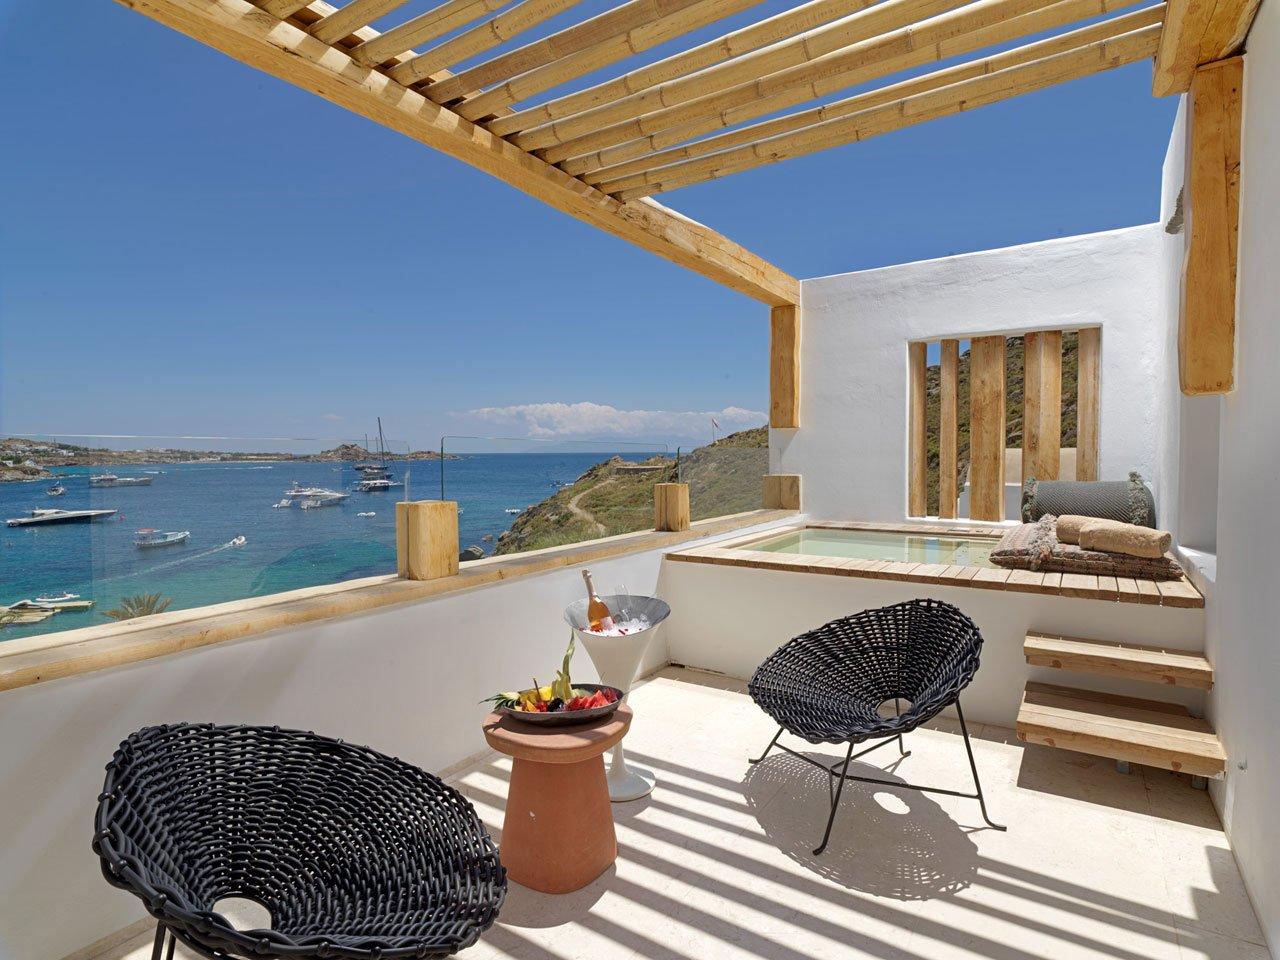 Kensho Psarou Beach Hotel viaggio di nozze in Grecia 2